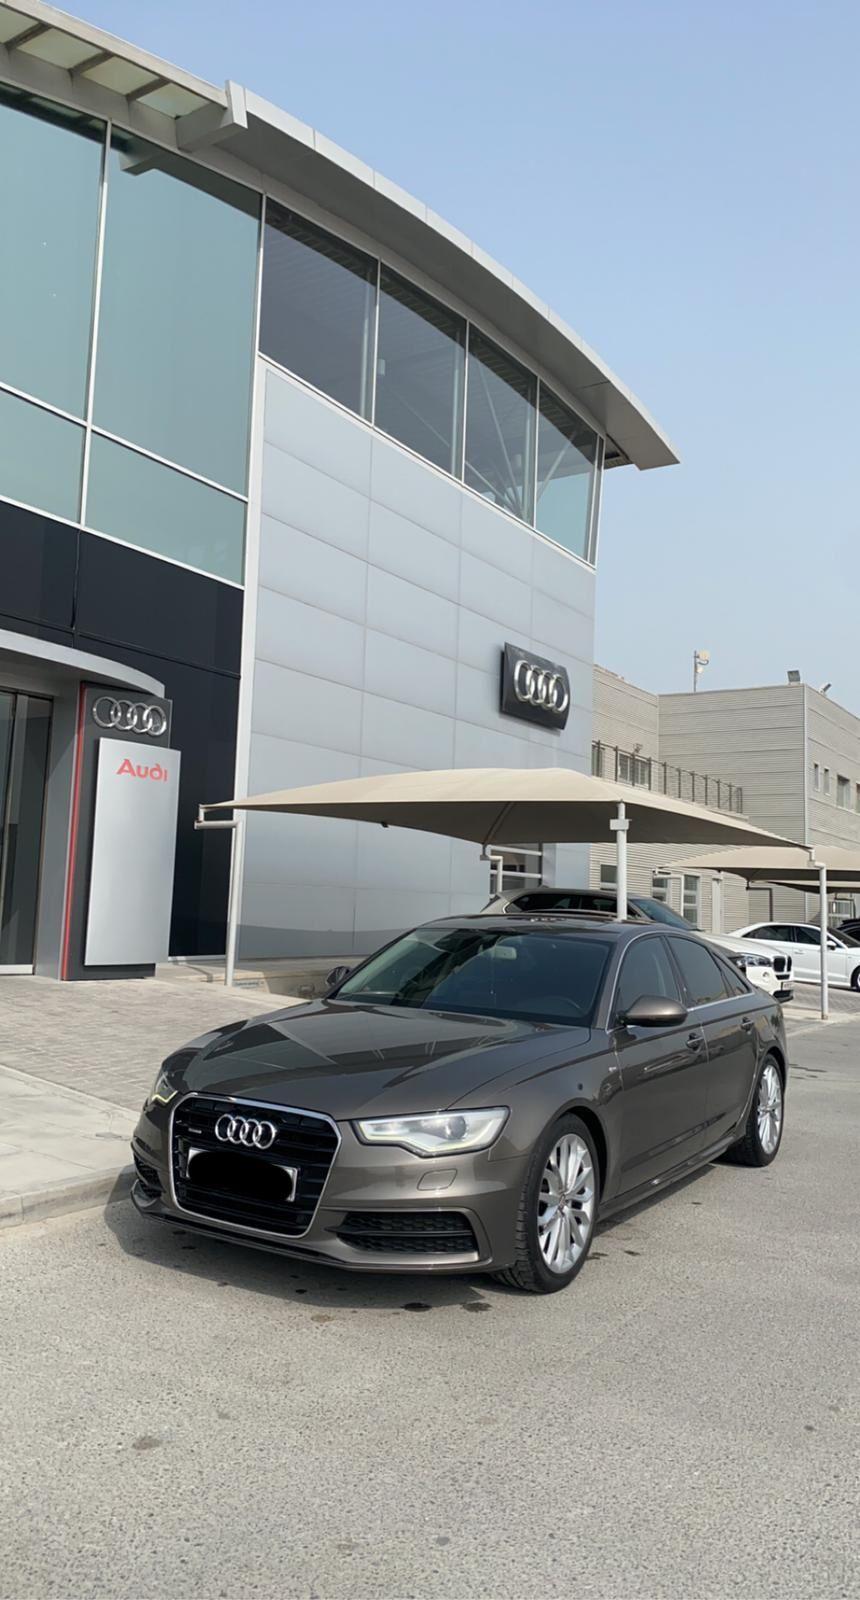 Audi A6 / 2014 (Grey)